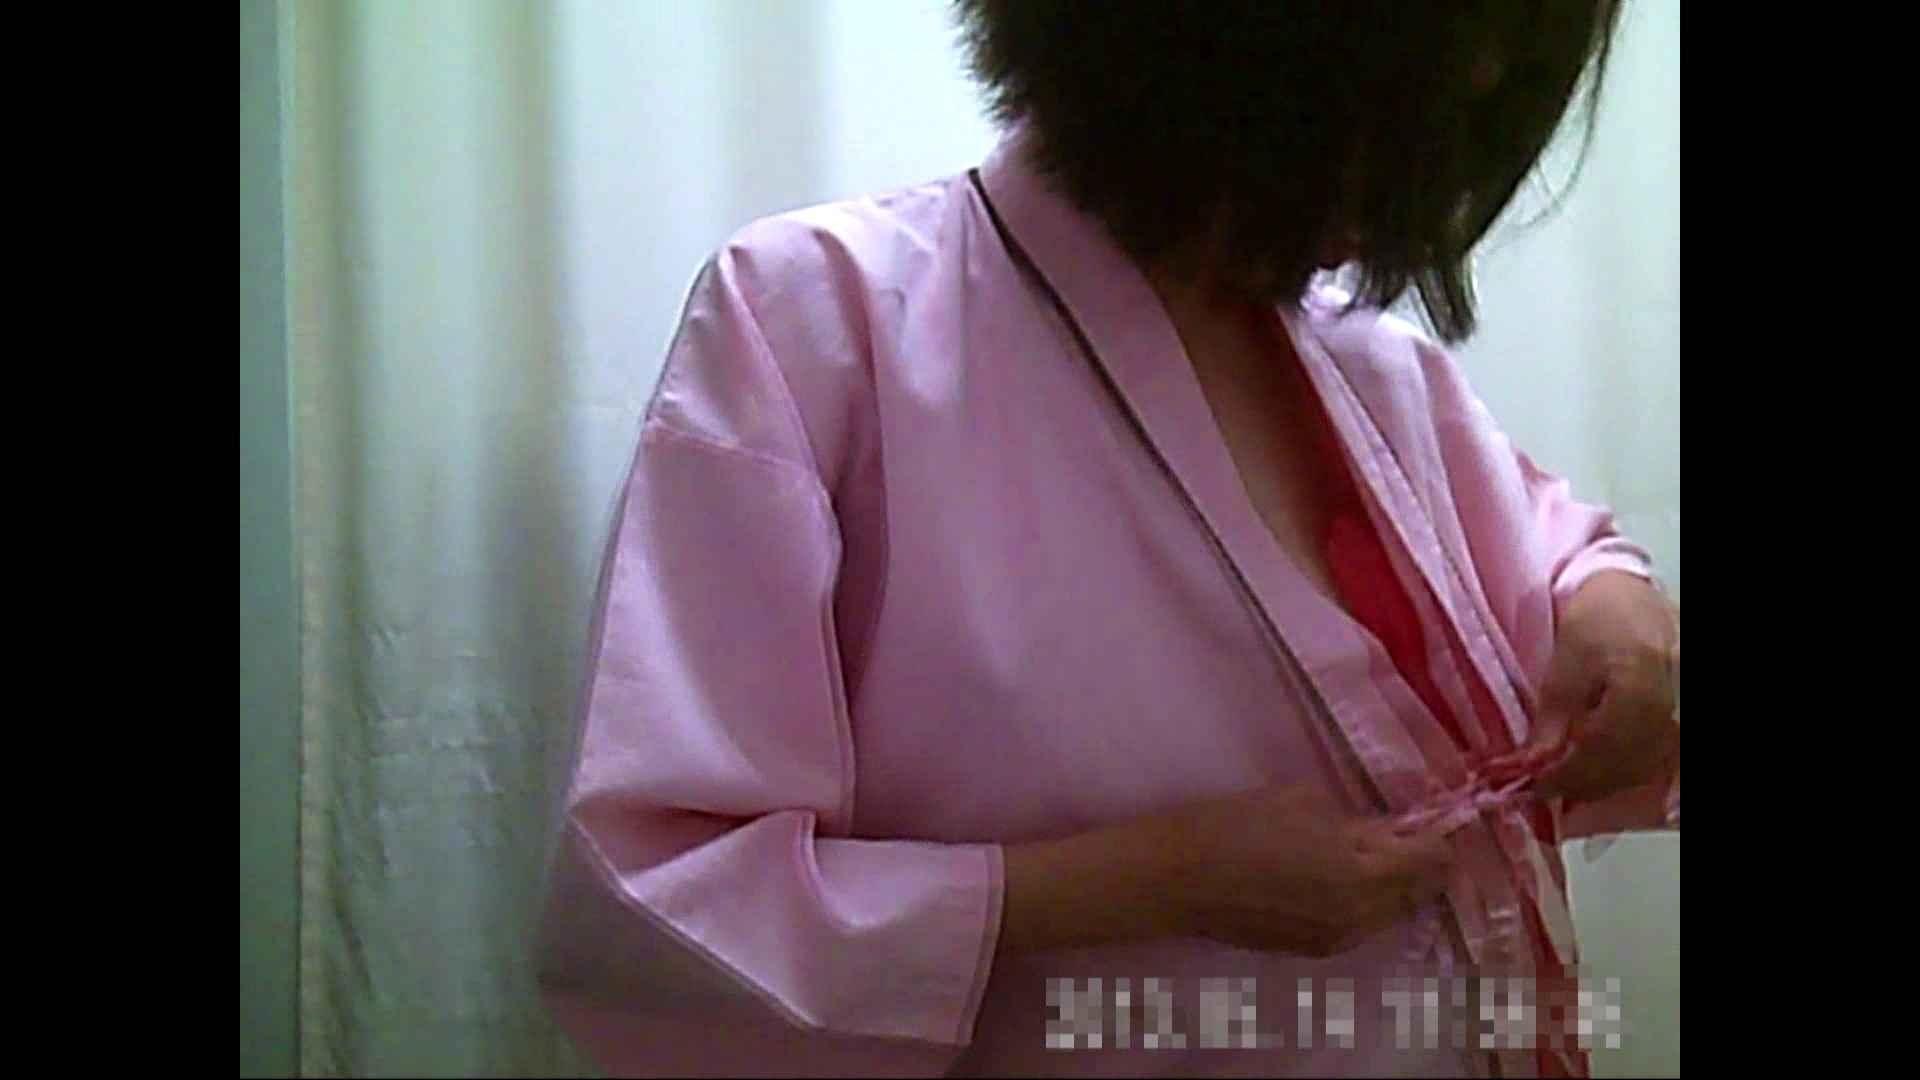 病院おもいっきり着替え! vol.212 OLの実態 盗撮セックス無修正動画無料 35pic 9